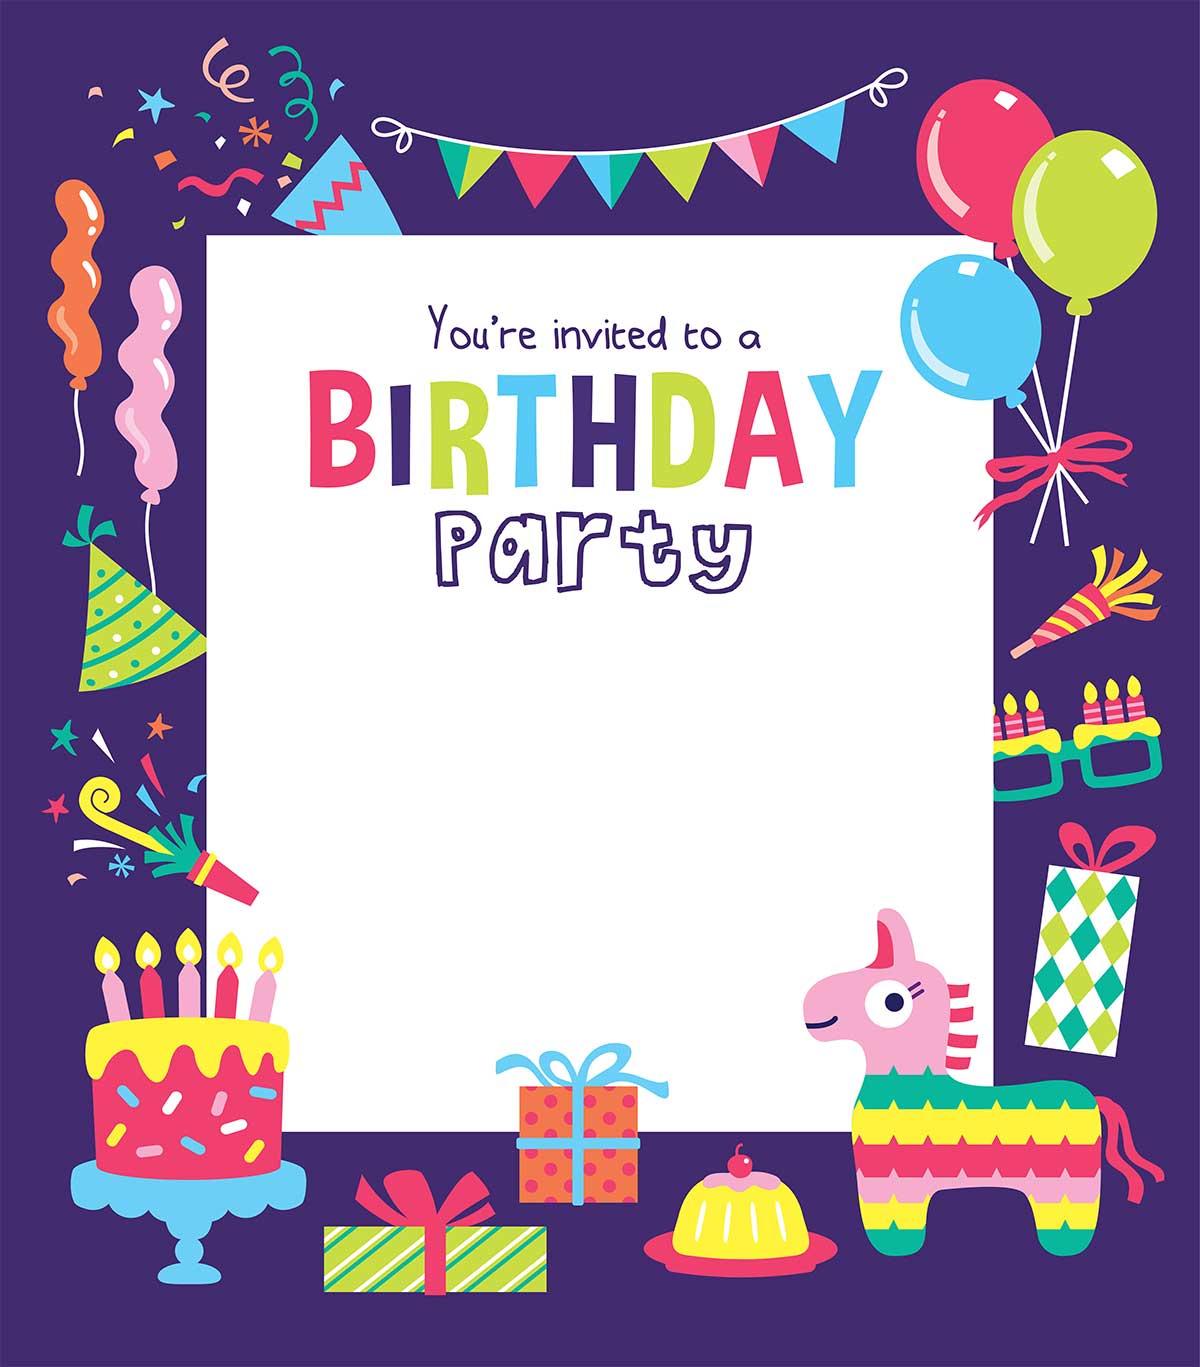 pozivnice za rođendan izrada Izrada pozivnica   Uragan pozivnice za rođendan izrada